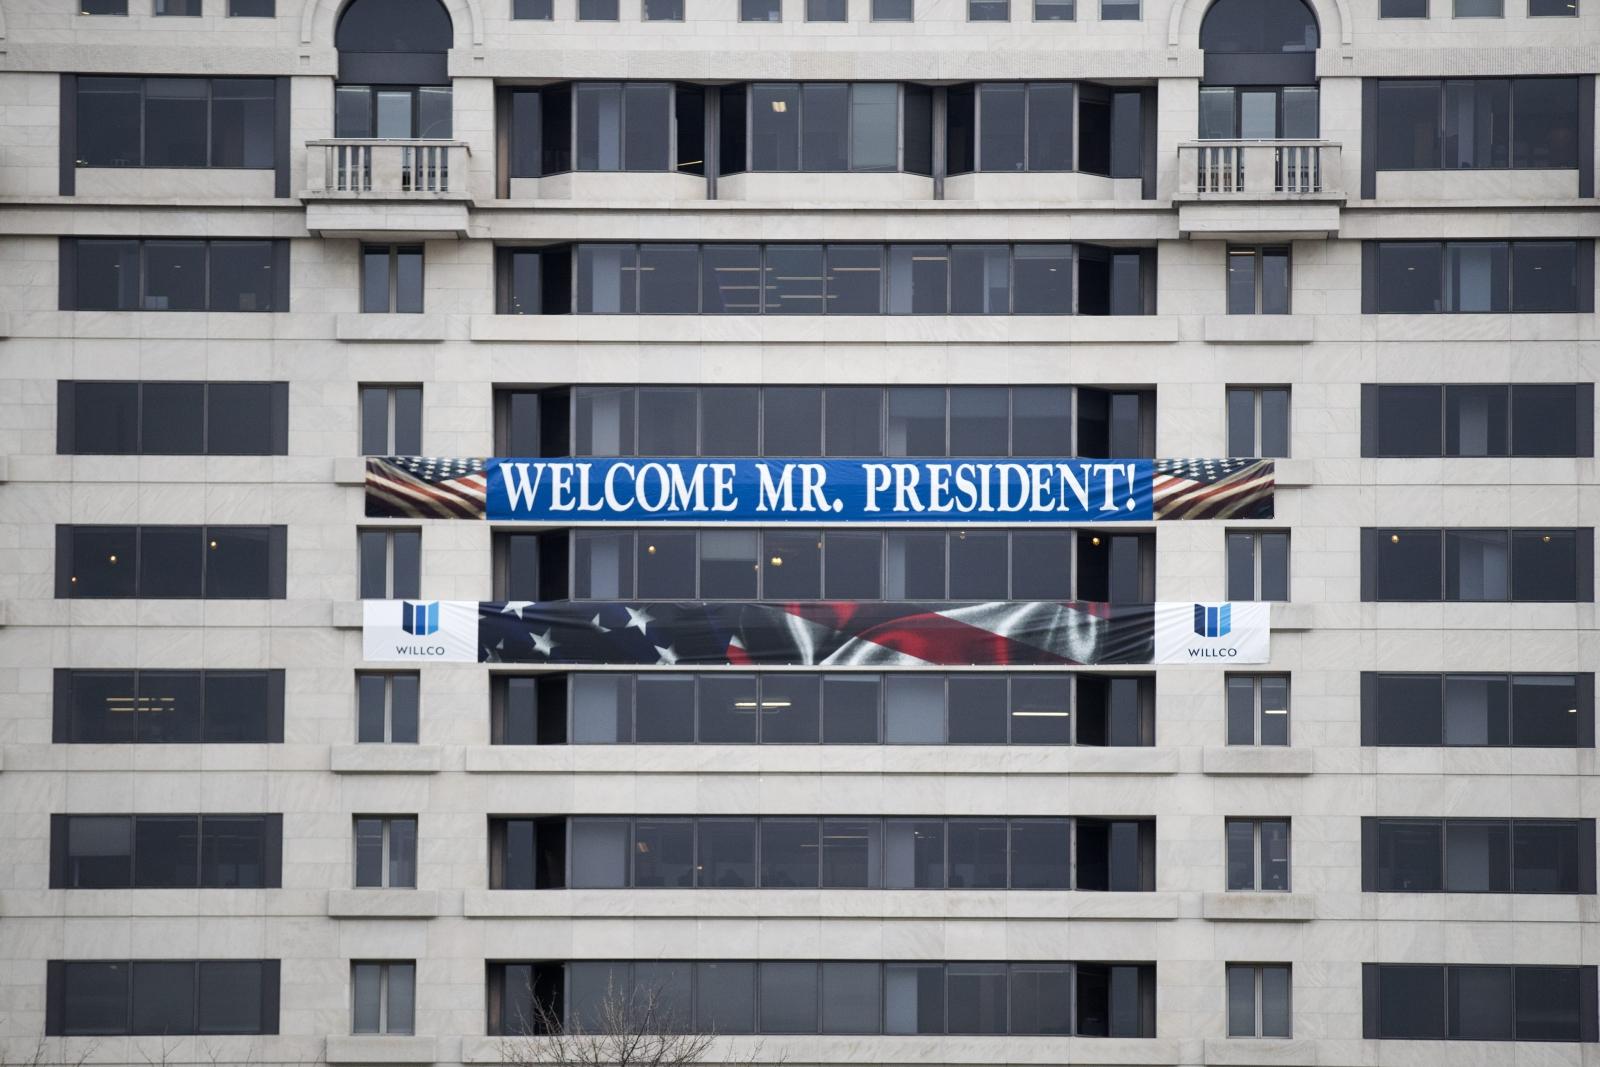 Stany Zjednoczone szykują się na uroczyste zaprzysiężenie na prezydenta przez Donalda Trumpa. Fot. PAP/EPA/SHAWN THEW